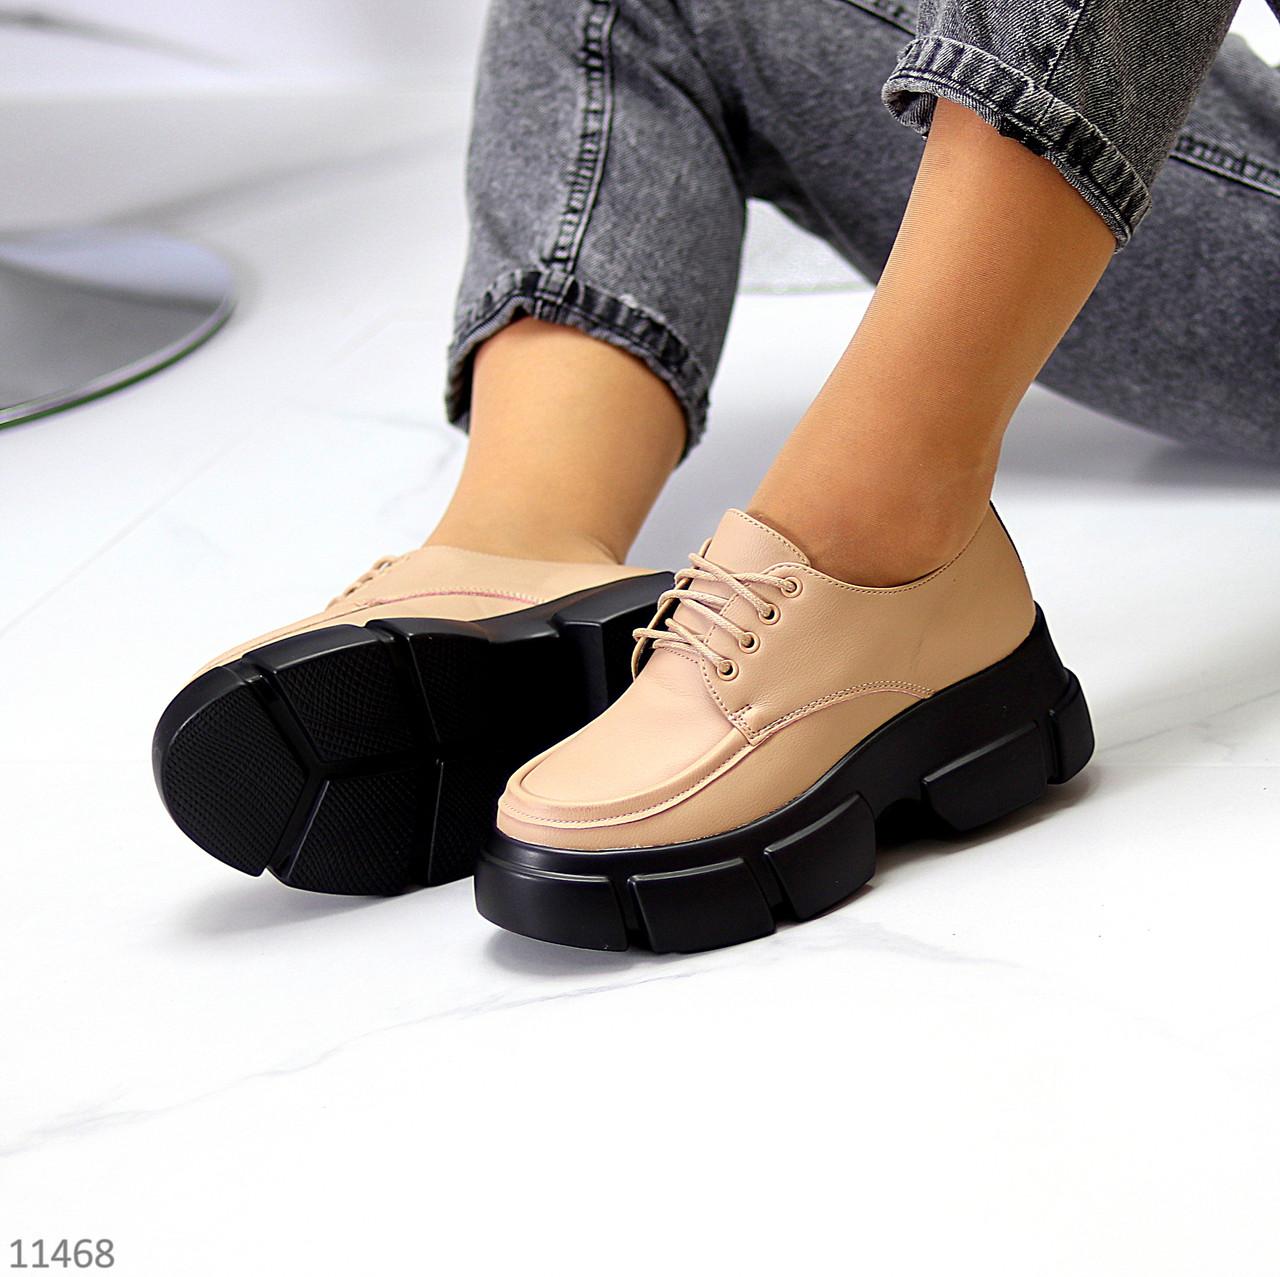 Туфли / броги женские бежевые на шнуровке эко кожа